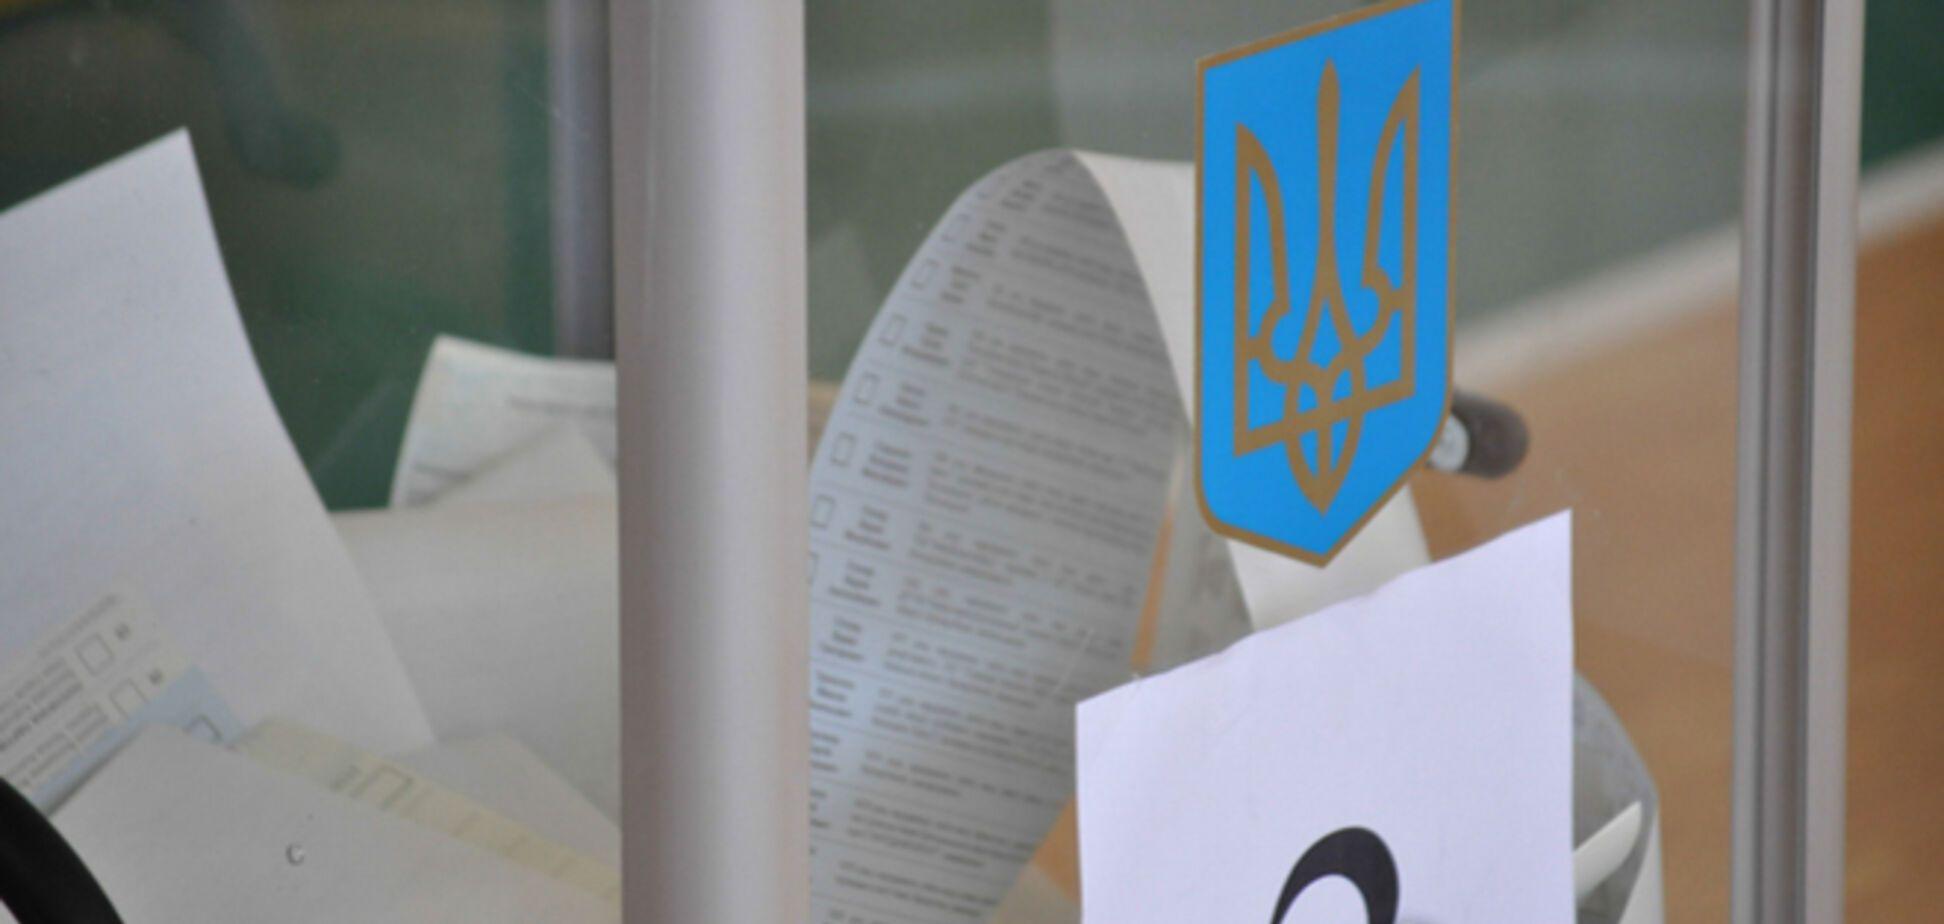 СБУ открыла дело по факту нарушений на округе №217 в Киеве